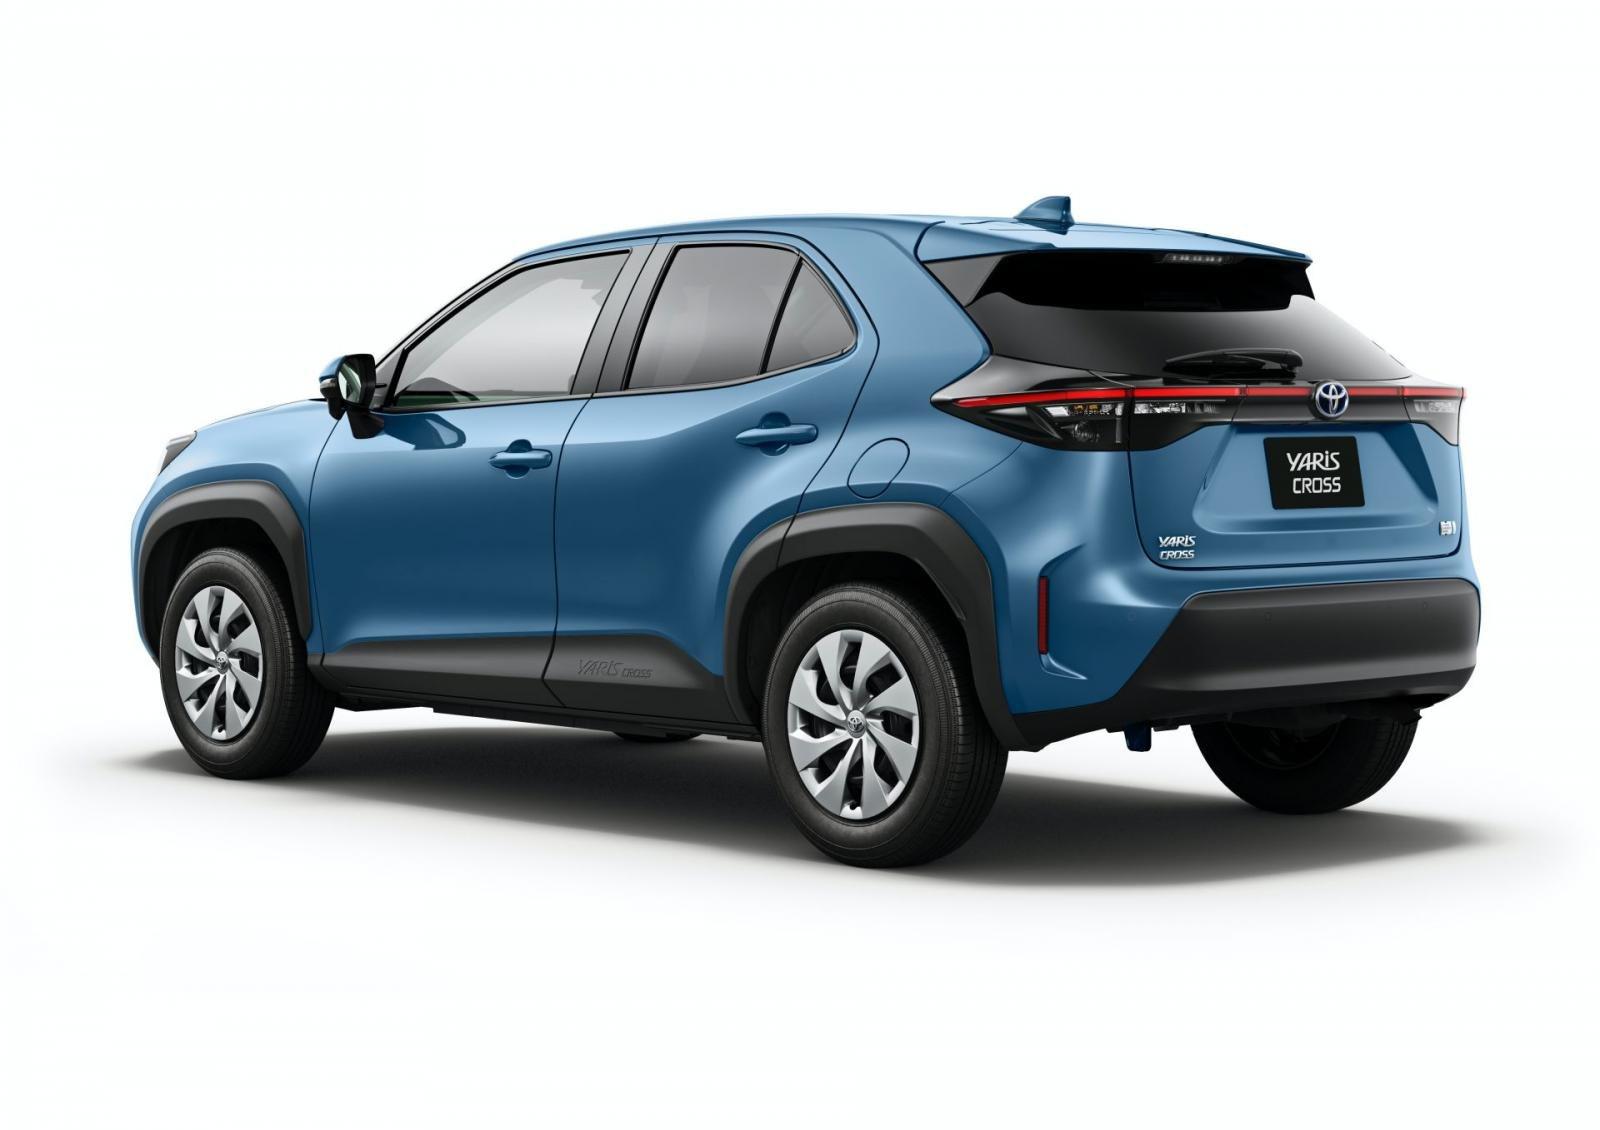 Hé lộ thêm bằng chứng Toyota Yaris Cross có thể ra mắt tại Việt Nam - Ảnh 1.